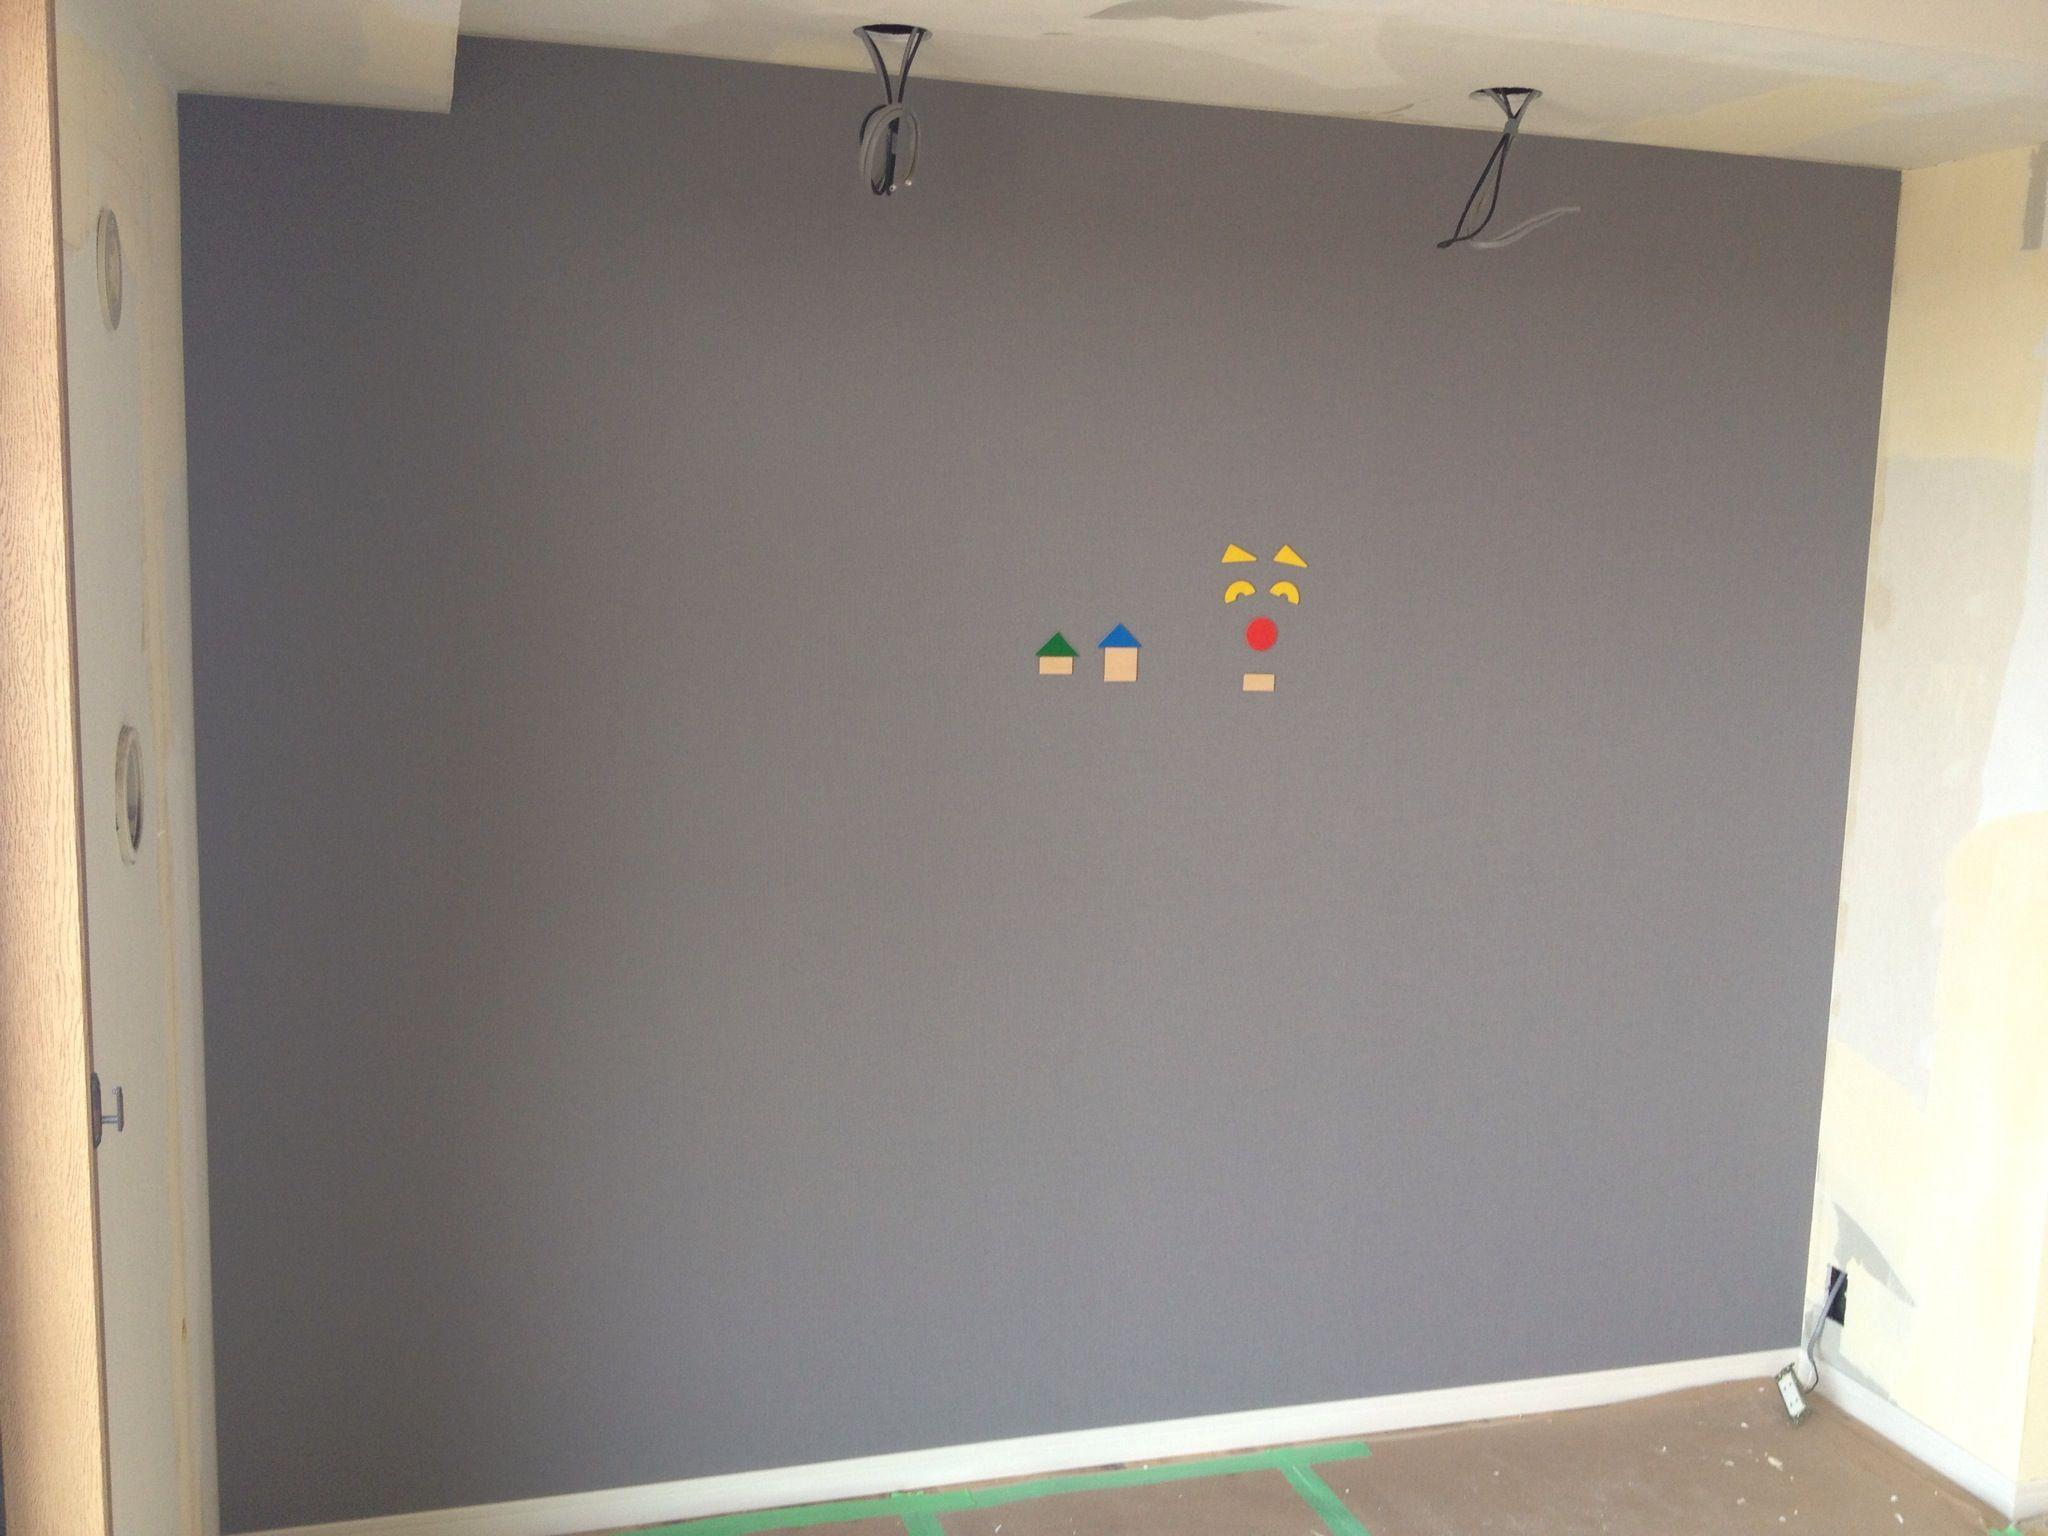 マグネットの壁 マグネットシート貼りの上にクロス仕上げ Lohas